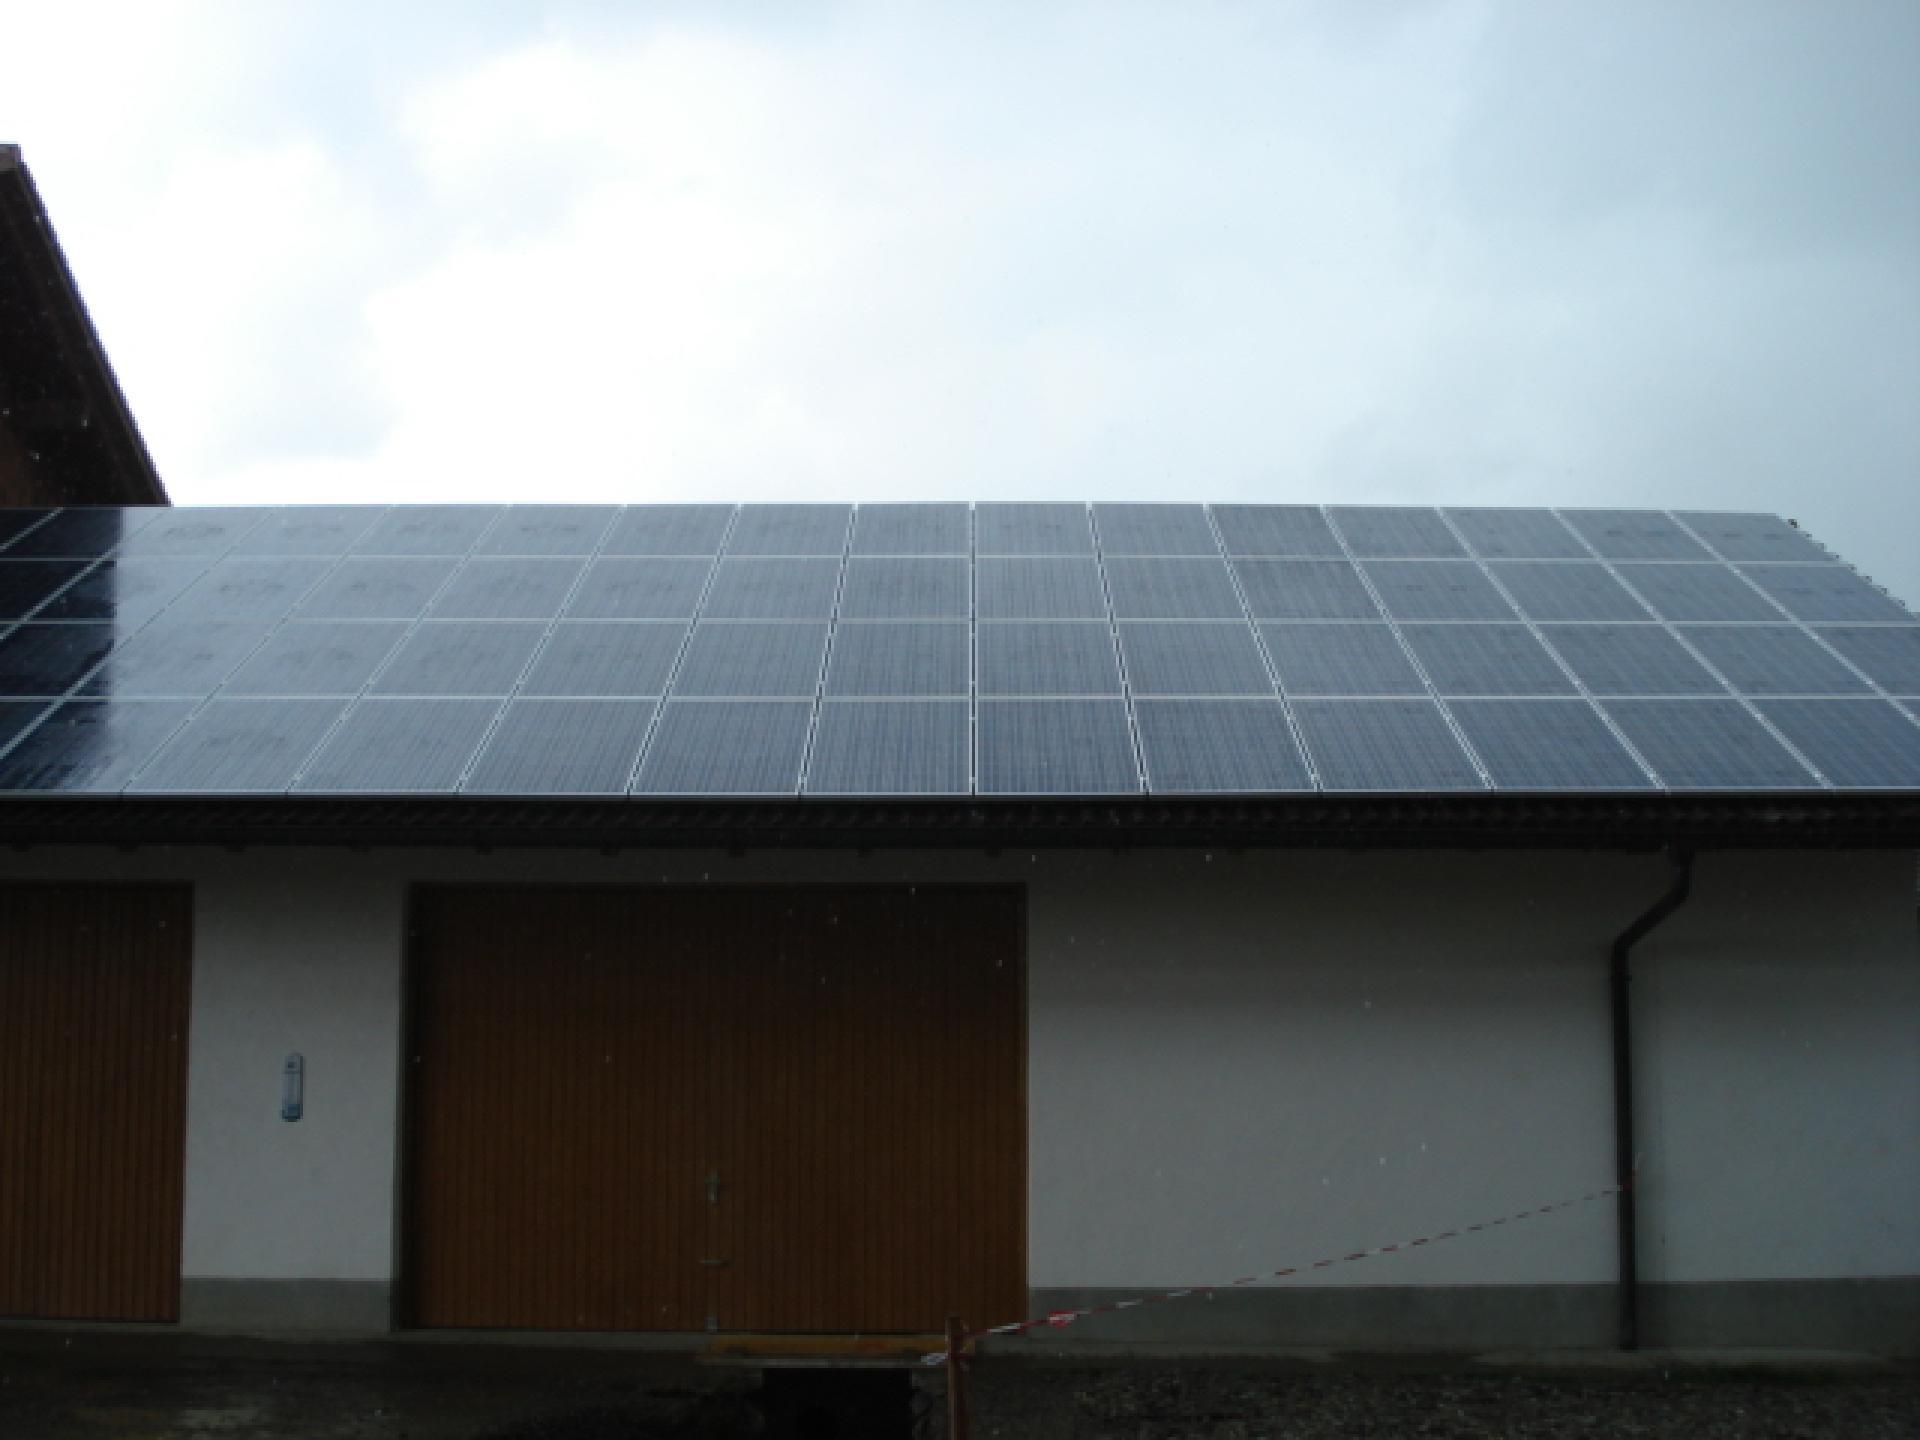 59,00 kWp Photovoltaikanlage